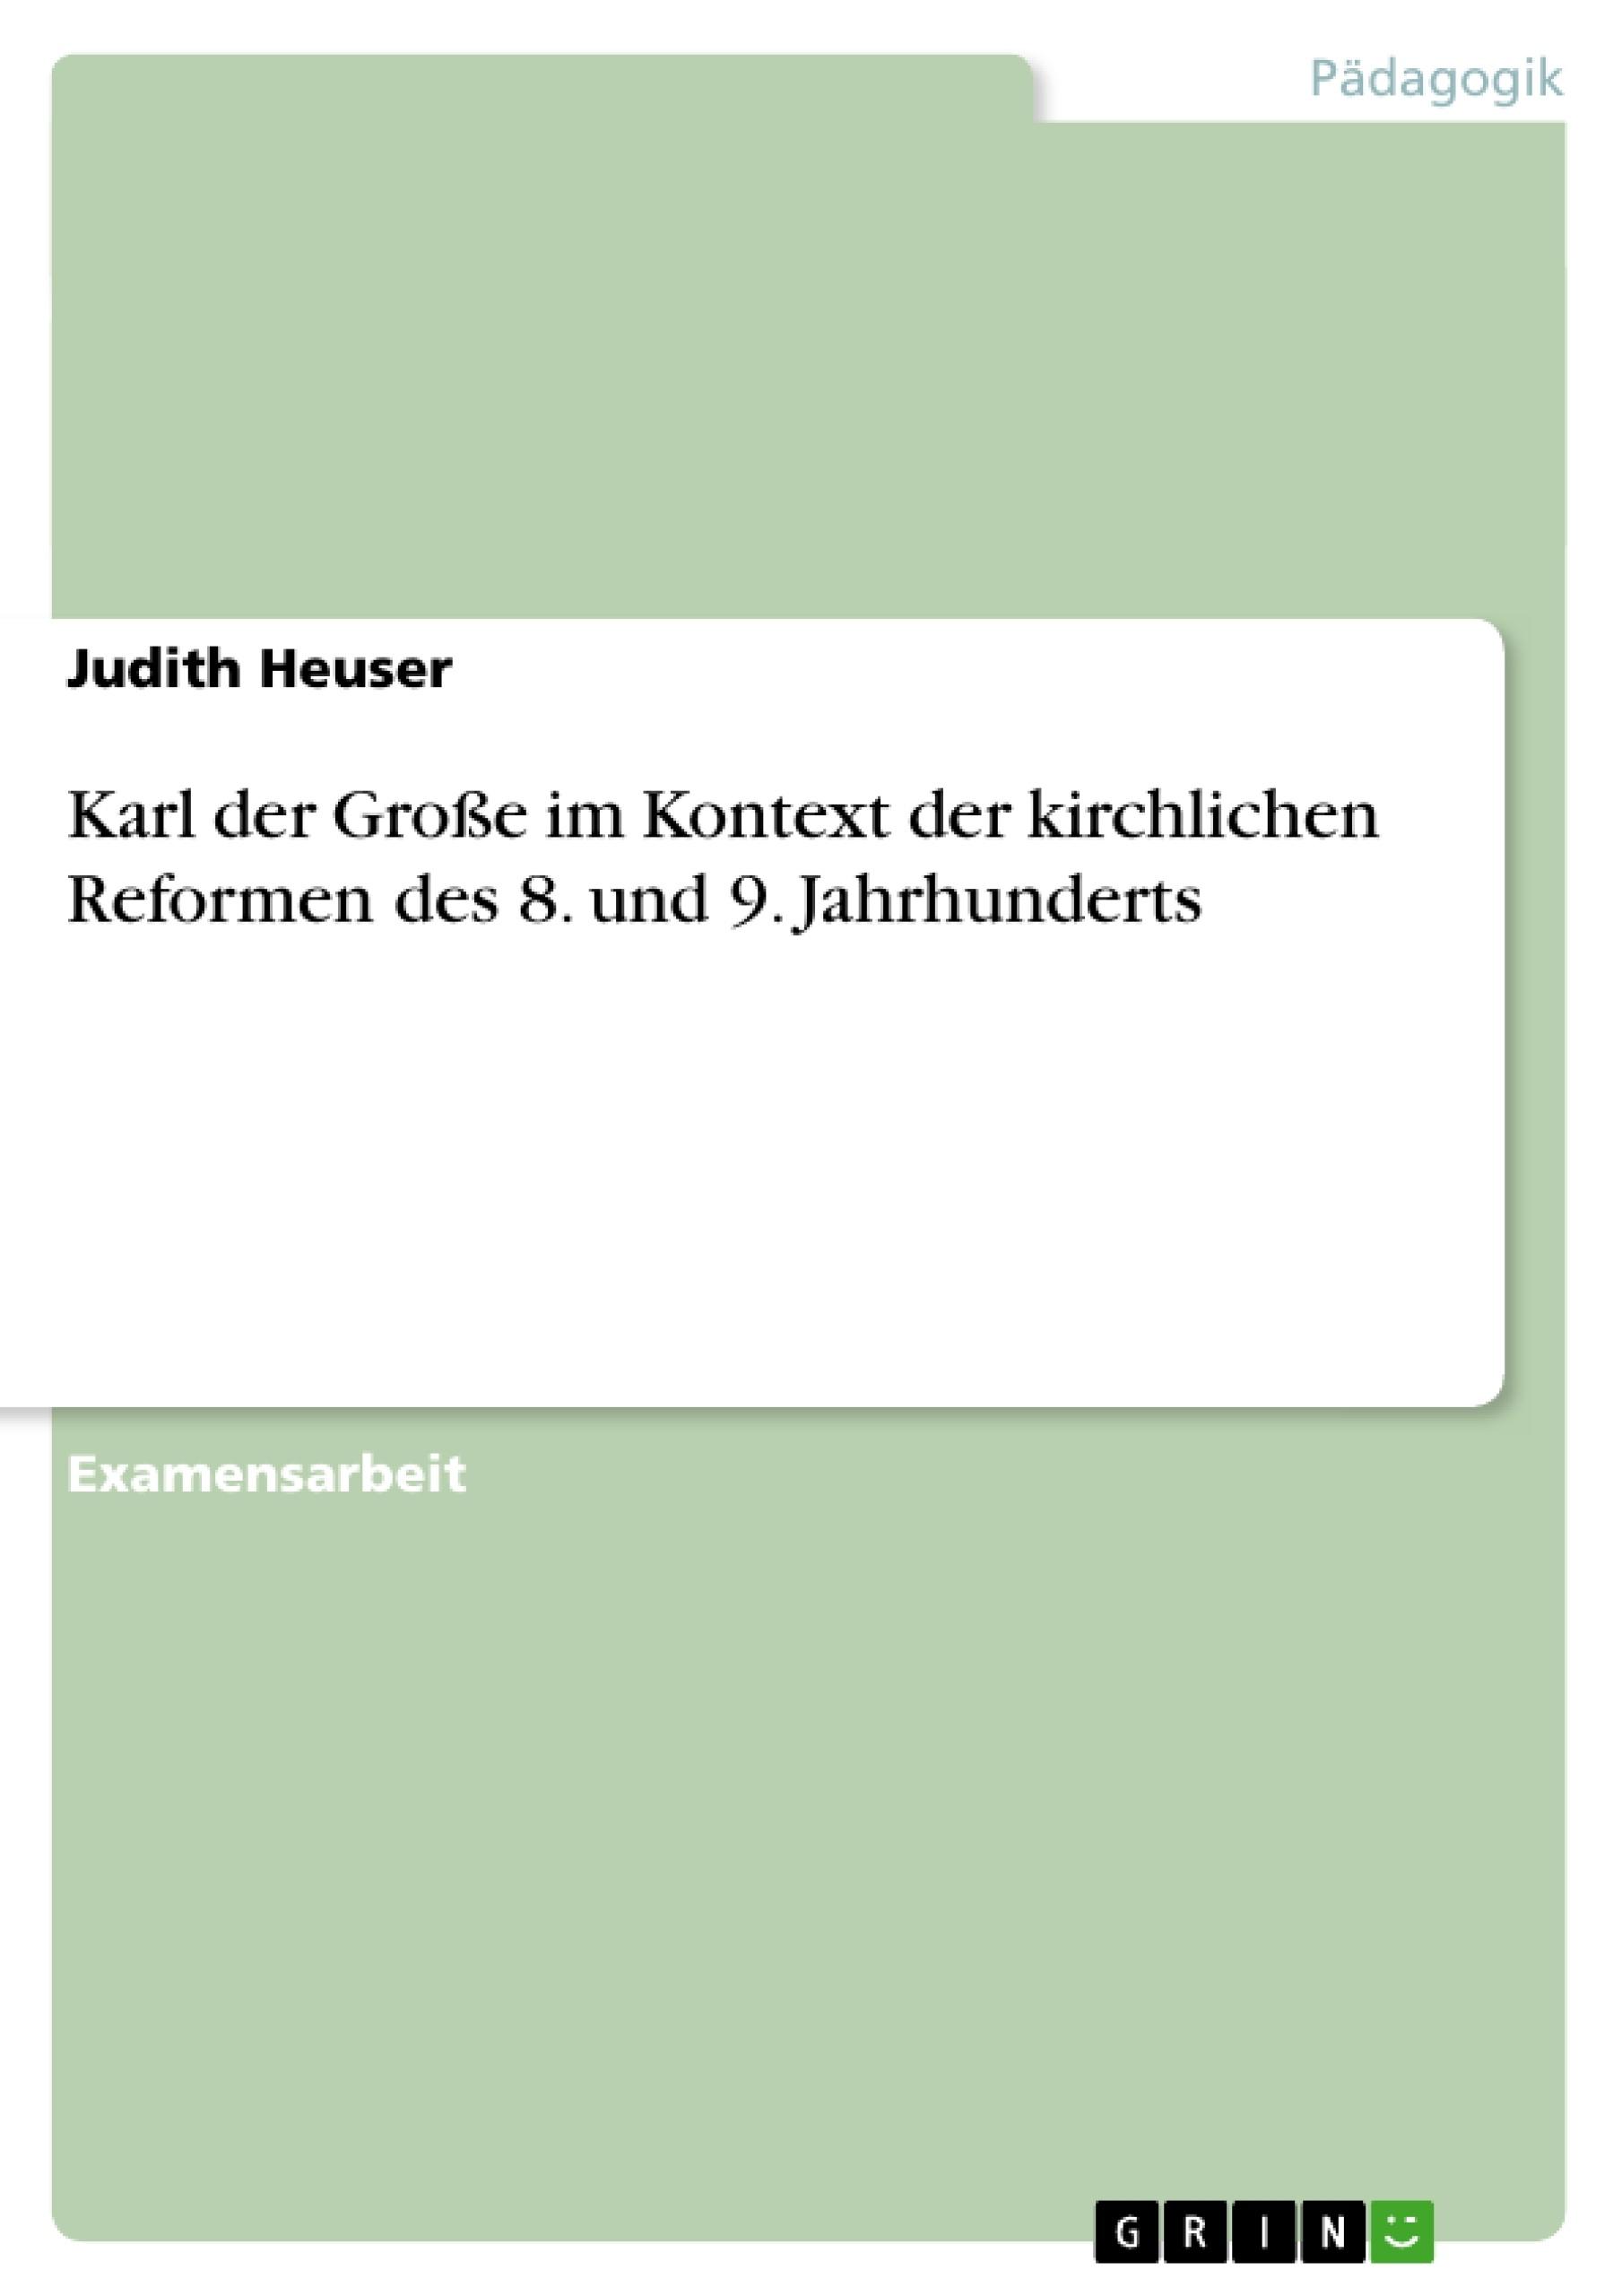 Titel: Karl der Große im Kontext der kirchlichen Reformen des 8. und 9. Jahrhunderts